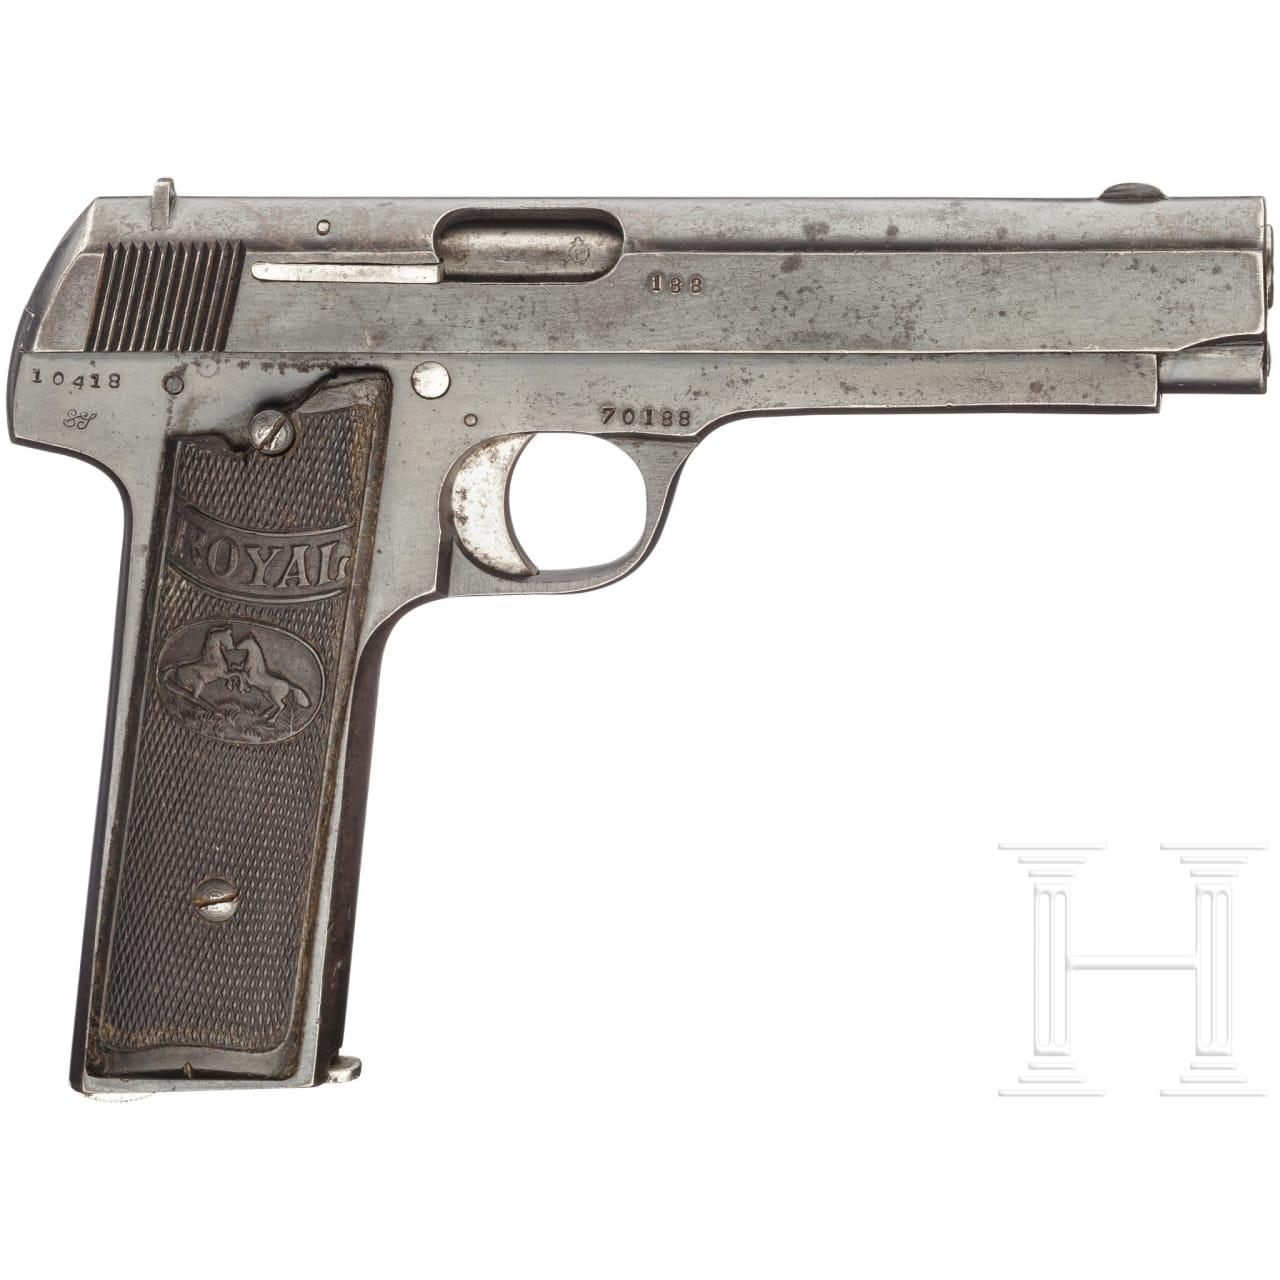 Pistole Royal mit 130mm Lauf